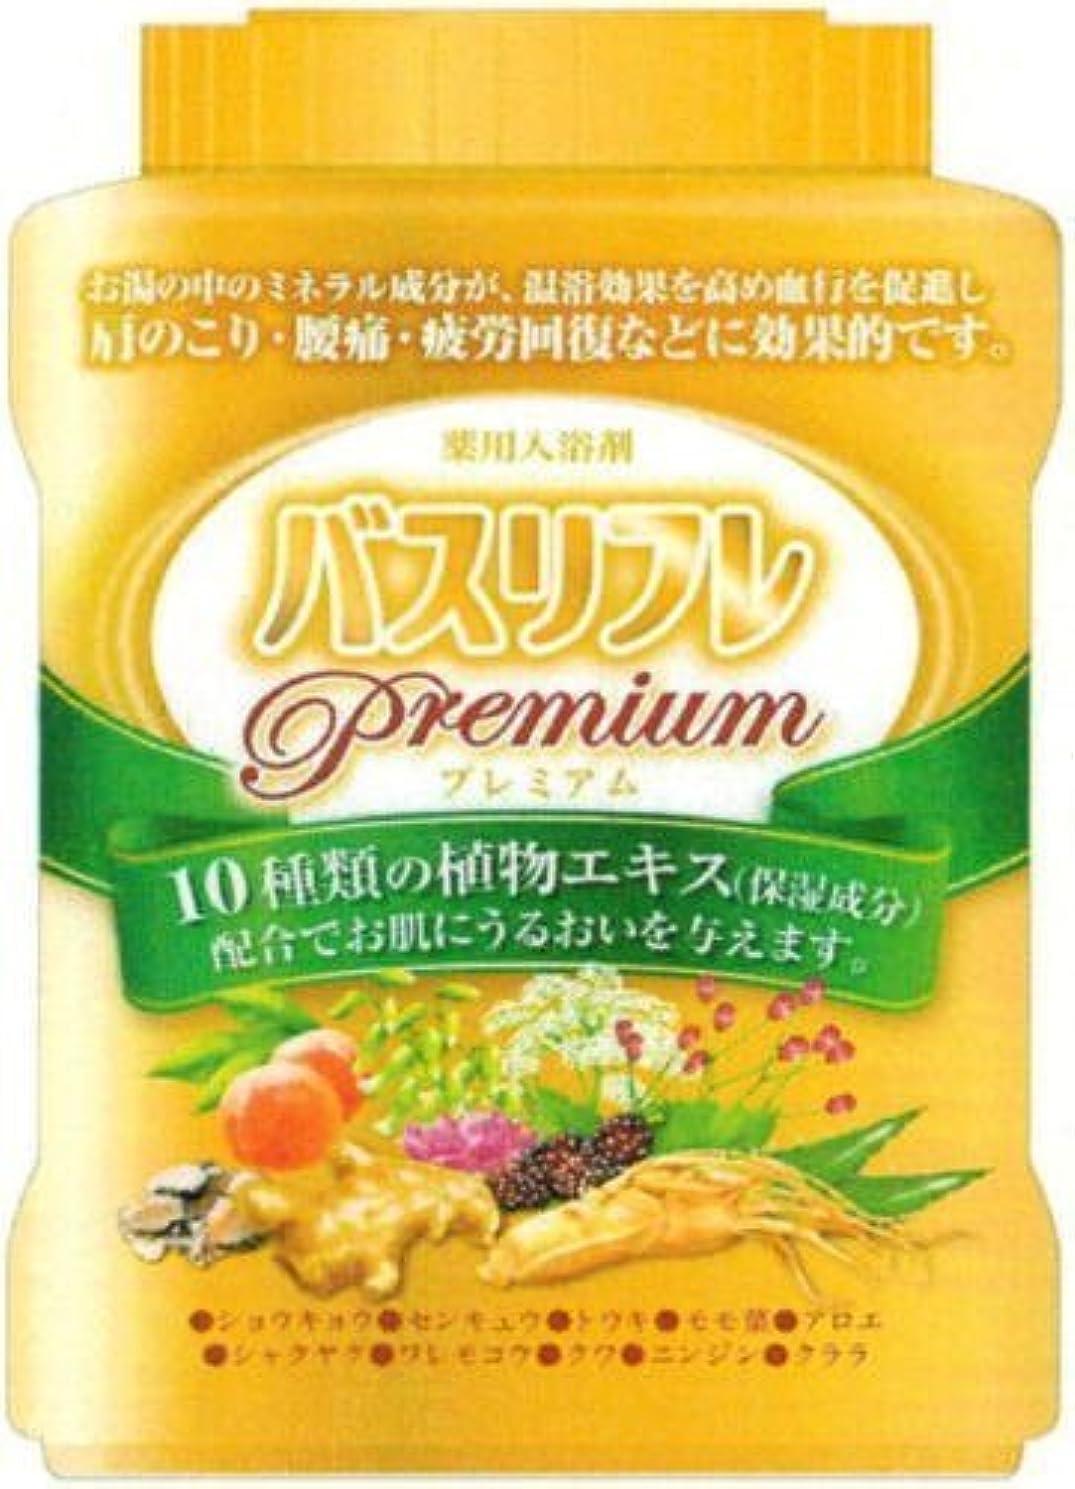 活性化より多い規則性ライオンケミカル バスリフレ 薬用入浴剤プレミアム 680g Japan